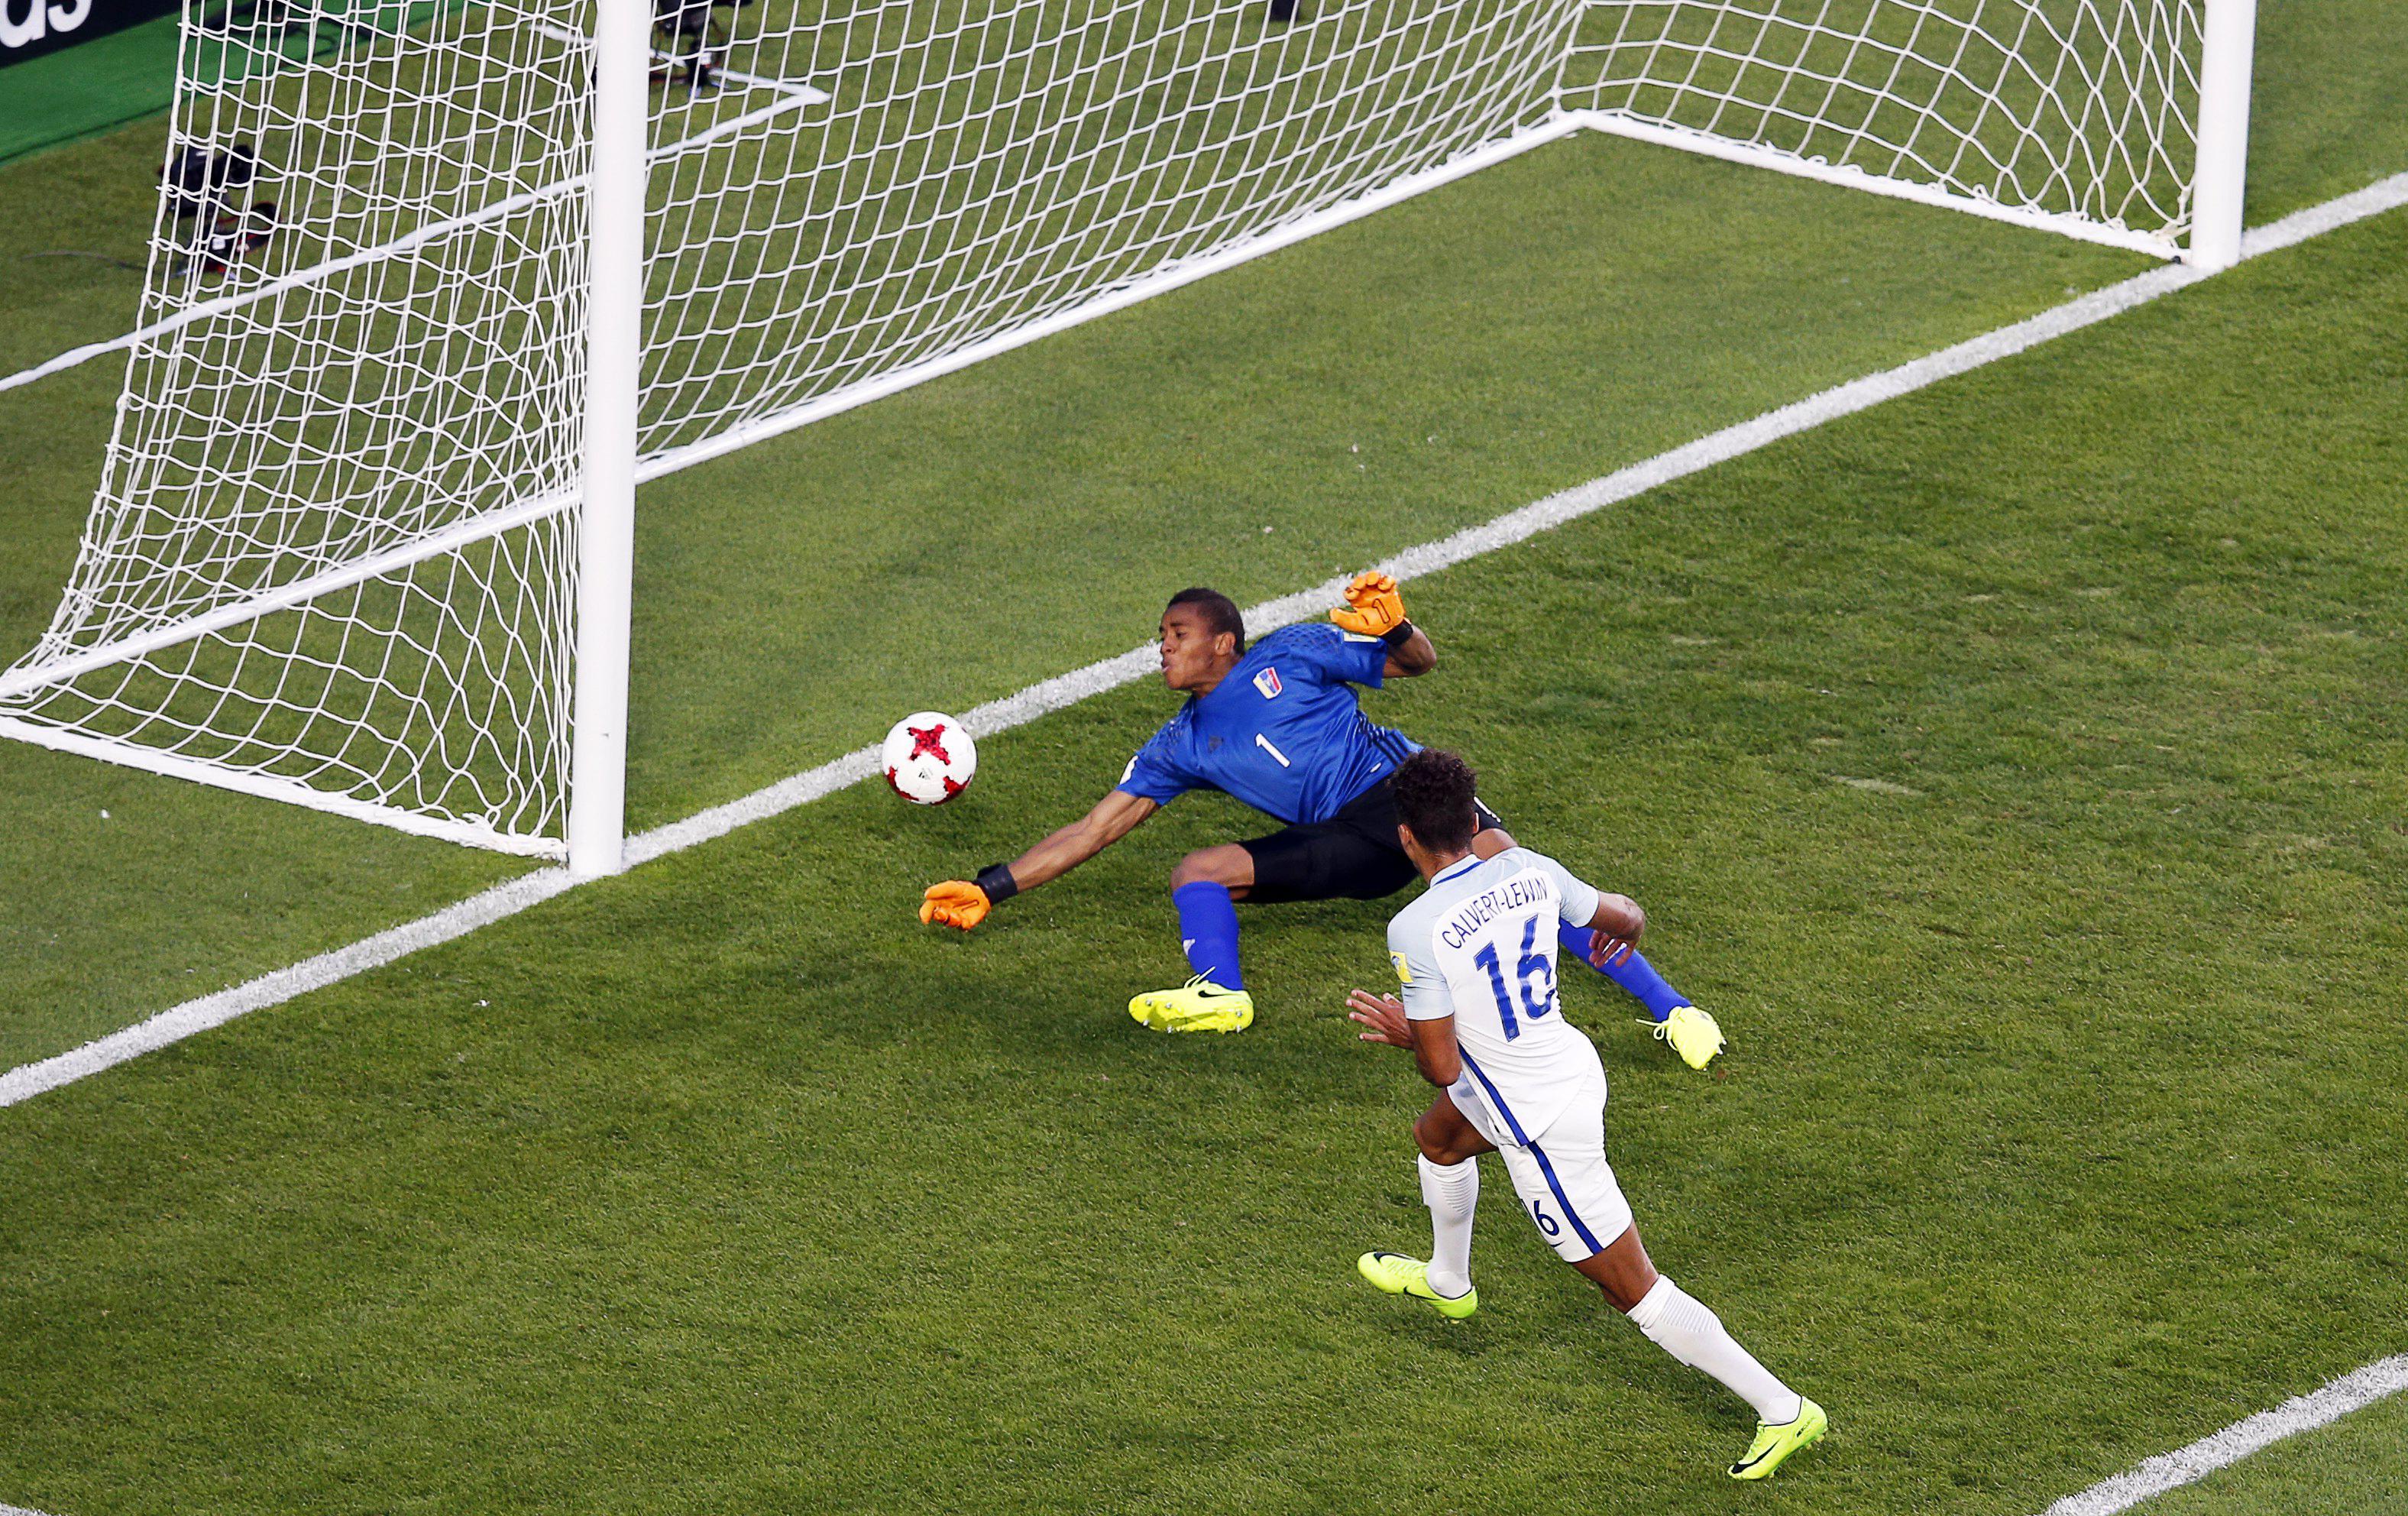 A famous goal